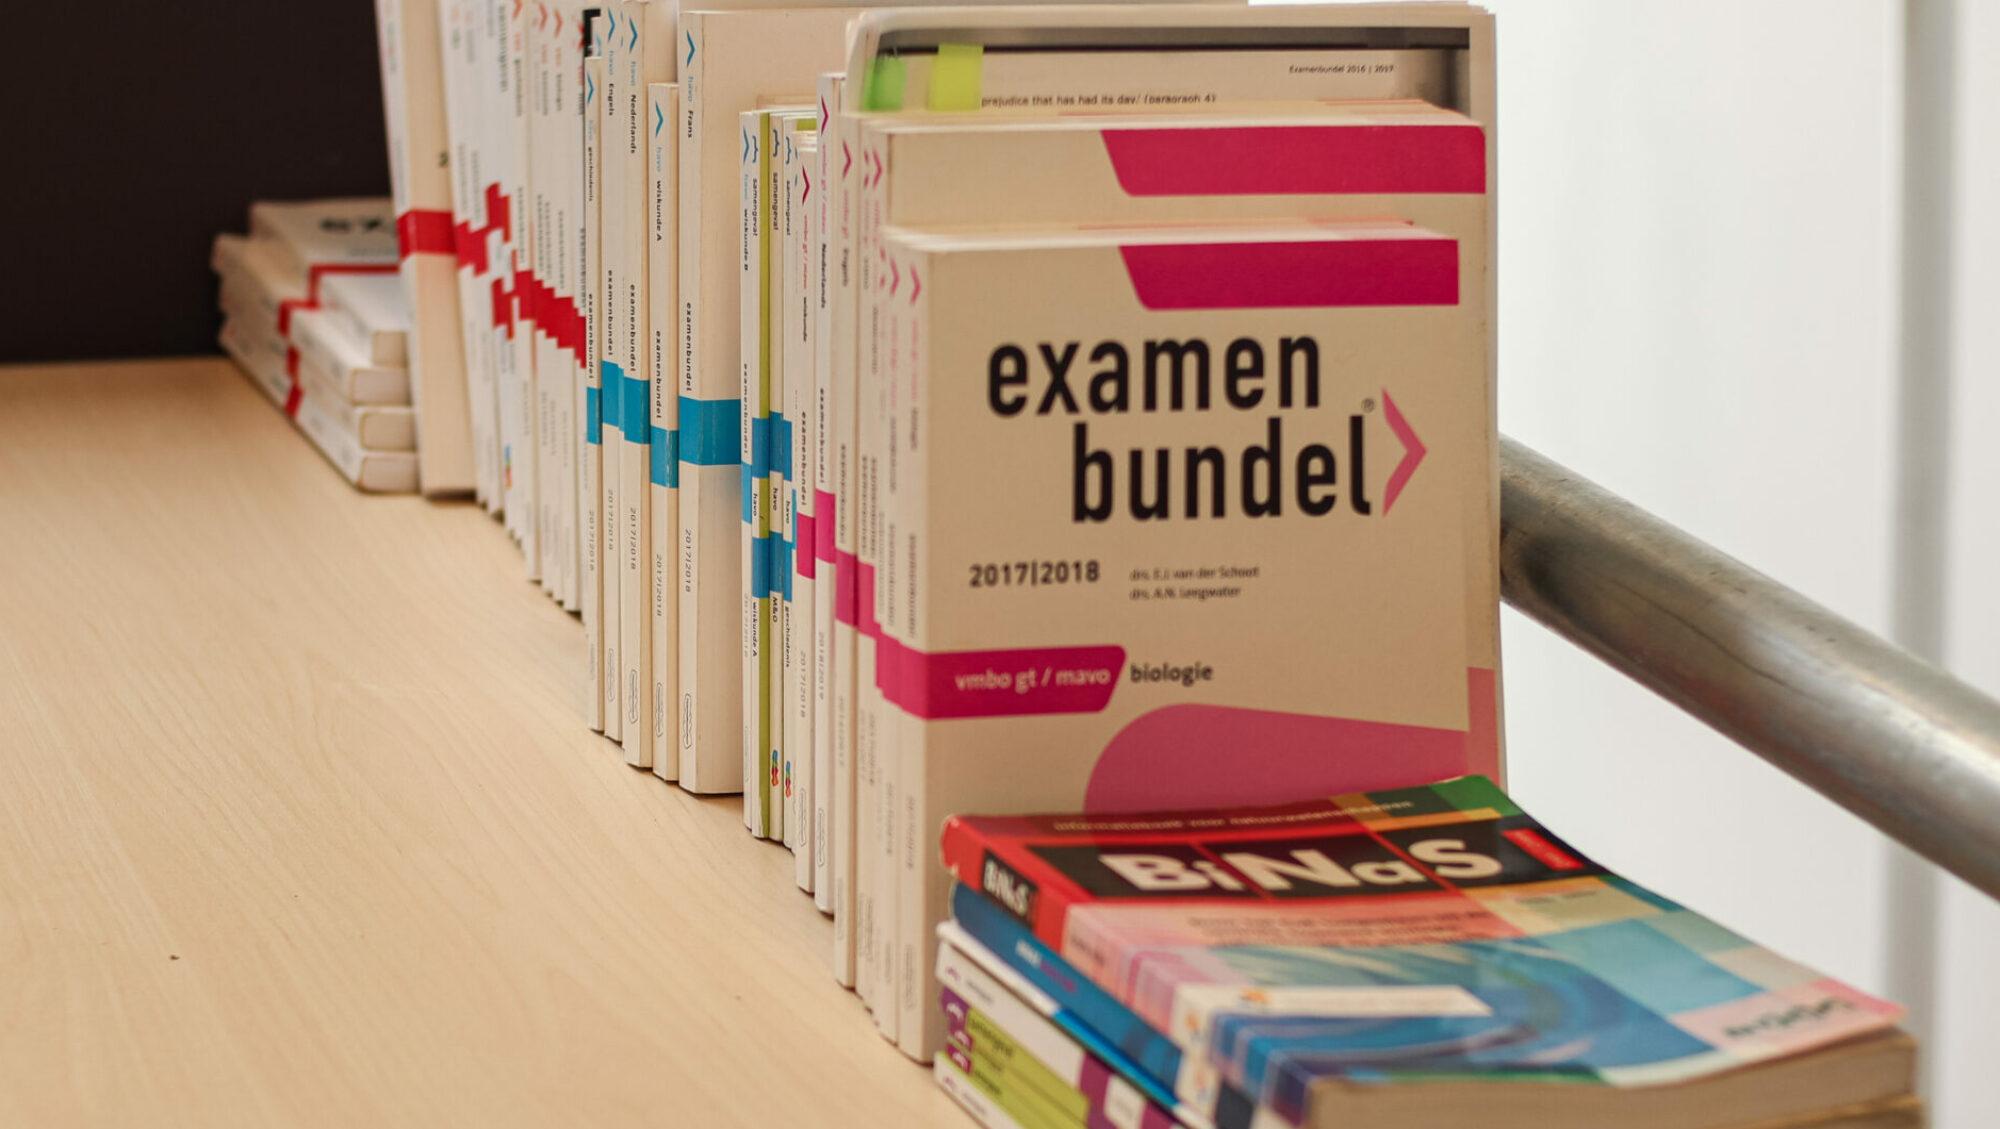 Studysmart